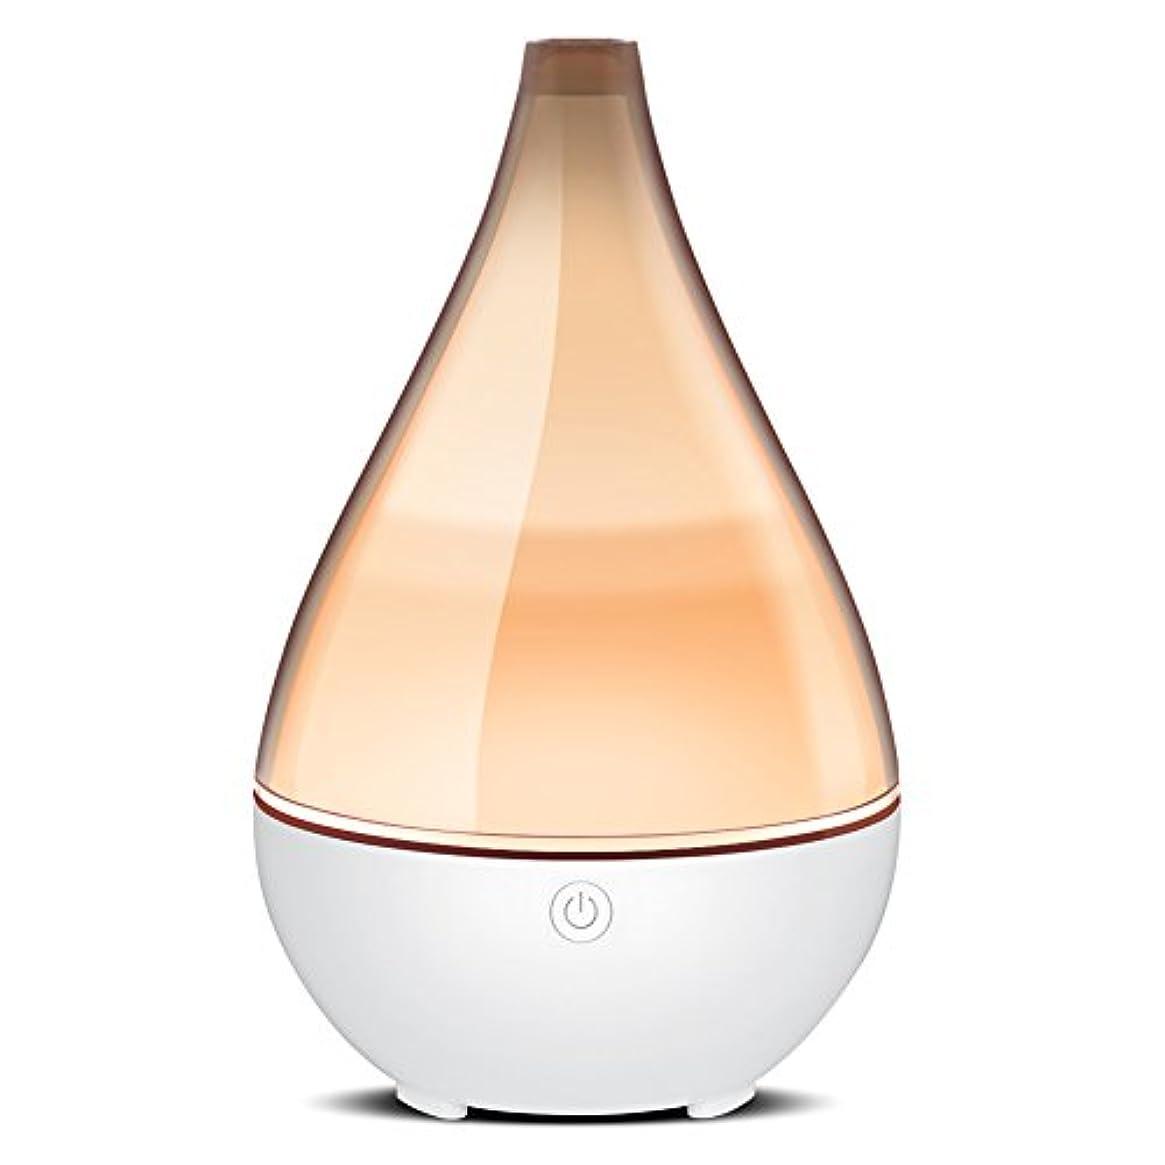 見積り白内障ボードInnoGear ホームヨガ オフィス 用 ユニークな呼吸ライト水なしオートオフで2019花瓶形 エッセンシャルオイルディフューザーエレガントな透明カバークールミスト加湿器超音波アロマディフューザー グレー